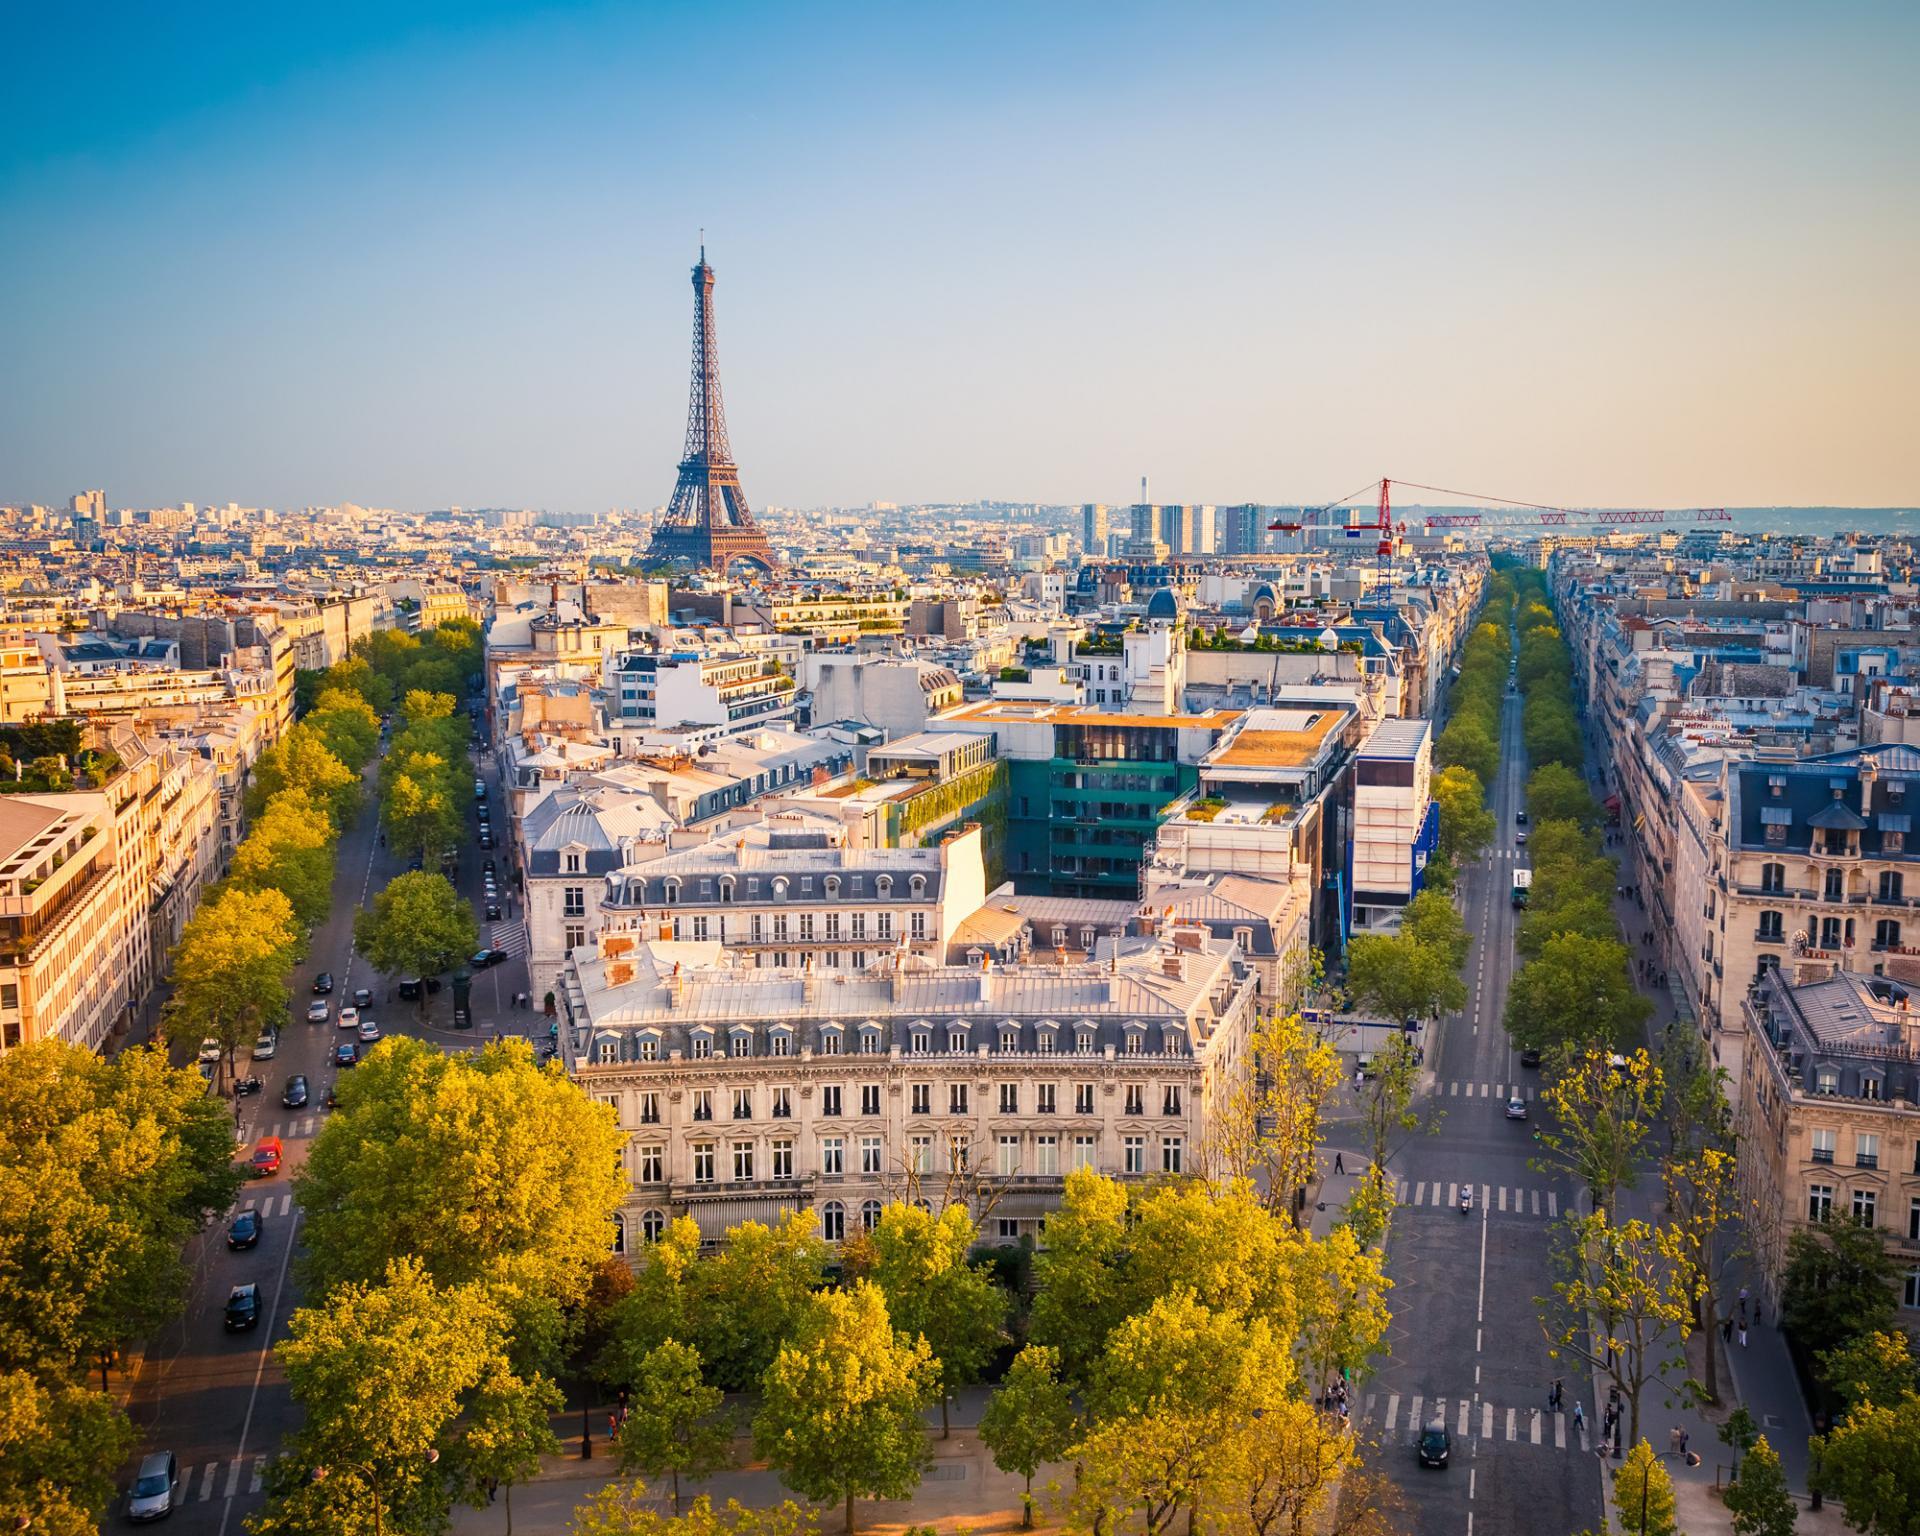 Excursión desde Londres a París en tren